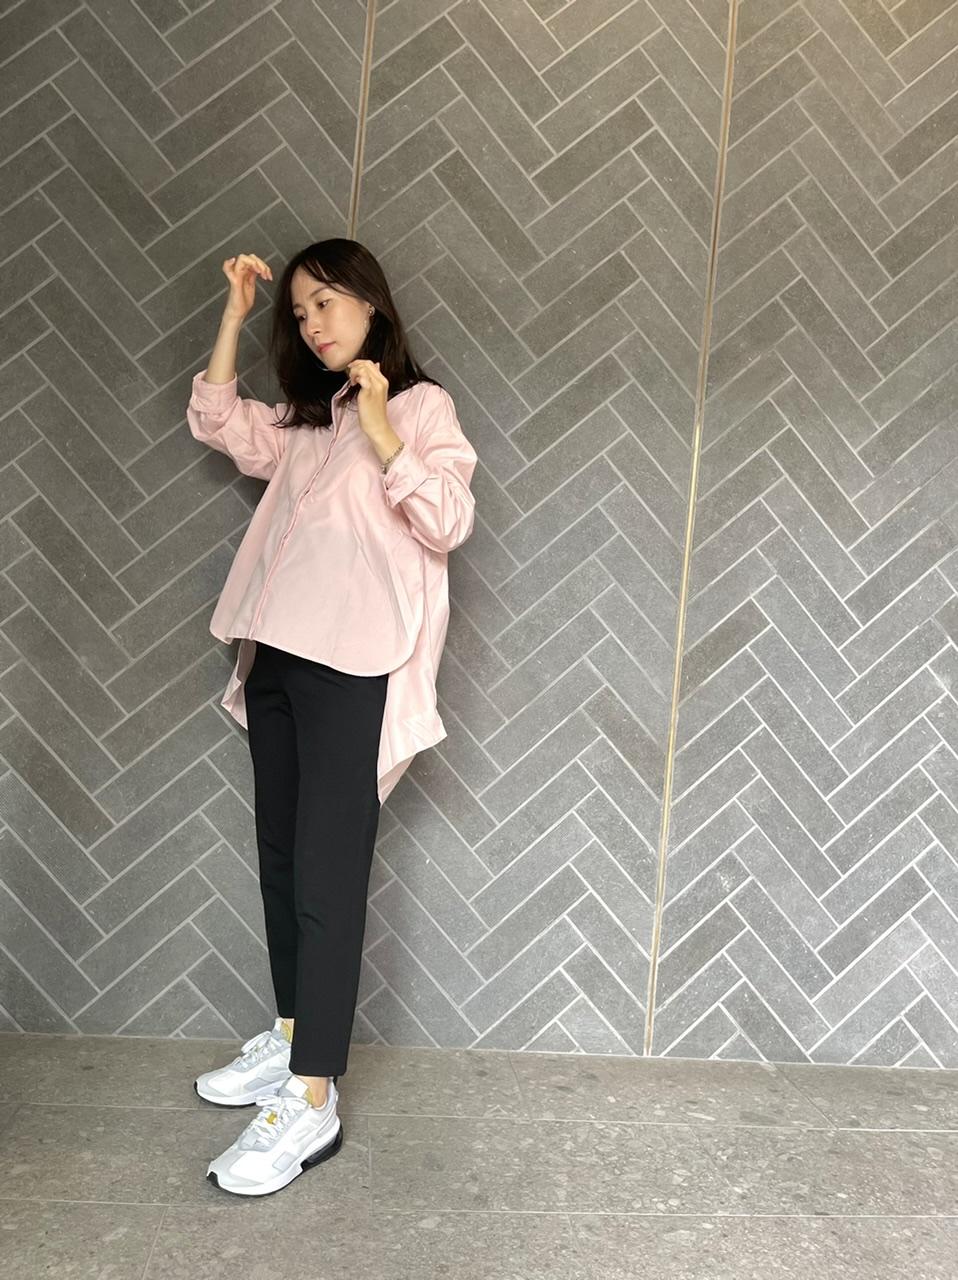 ピンクのシャツとユニクロのパンツ、ナイキのスニーカーのコーデ